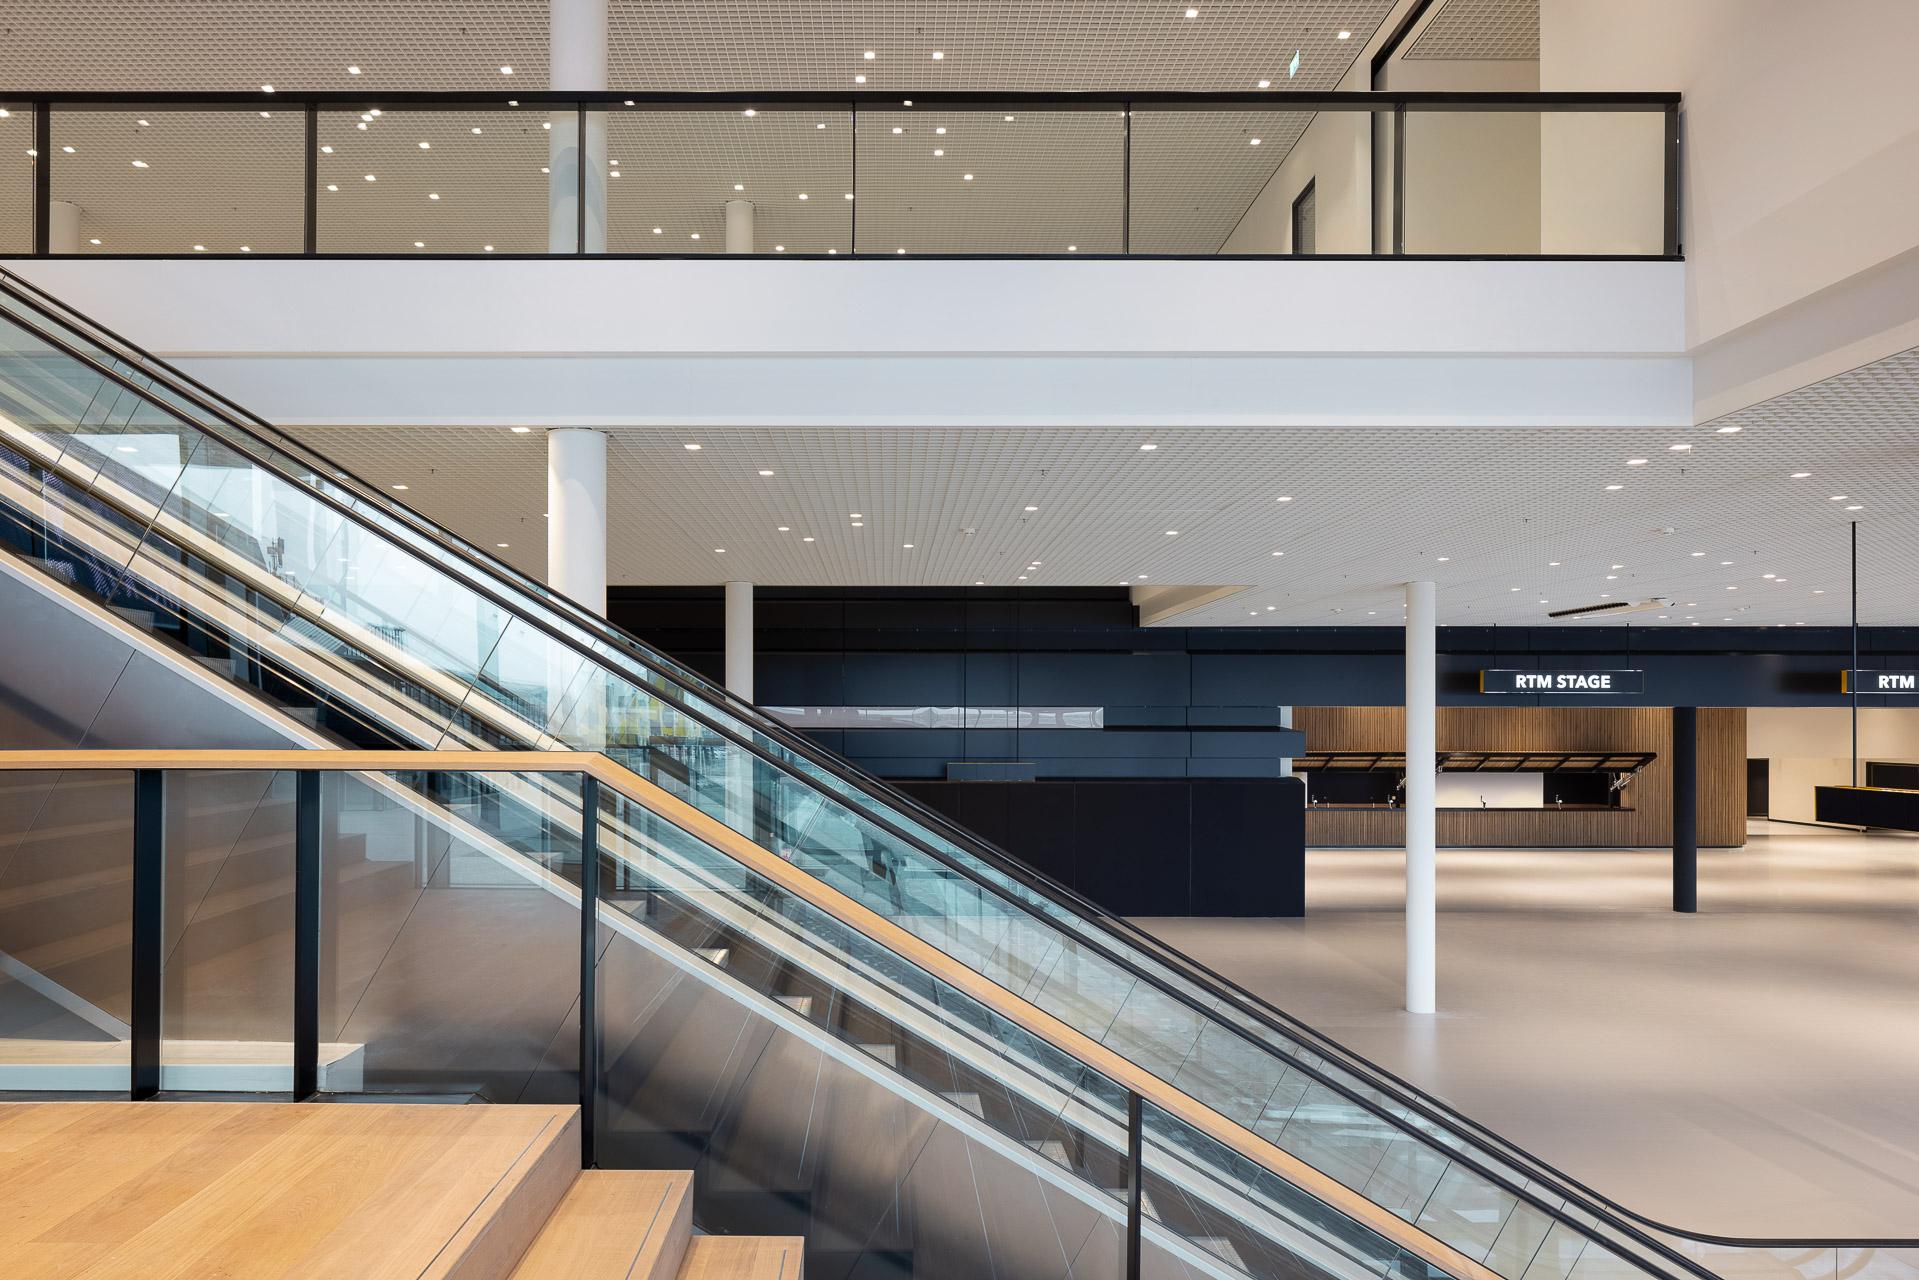 SP2020-Rotterdam-Ahoy-Convention-Centre-Interieur-2-Architectuur-fotografie